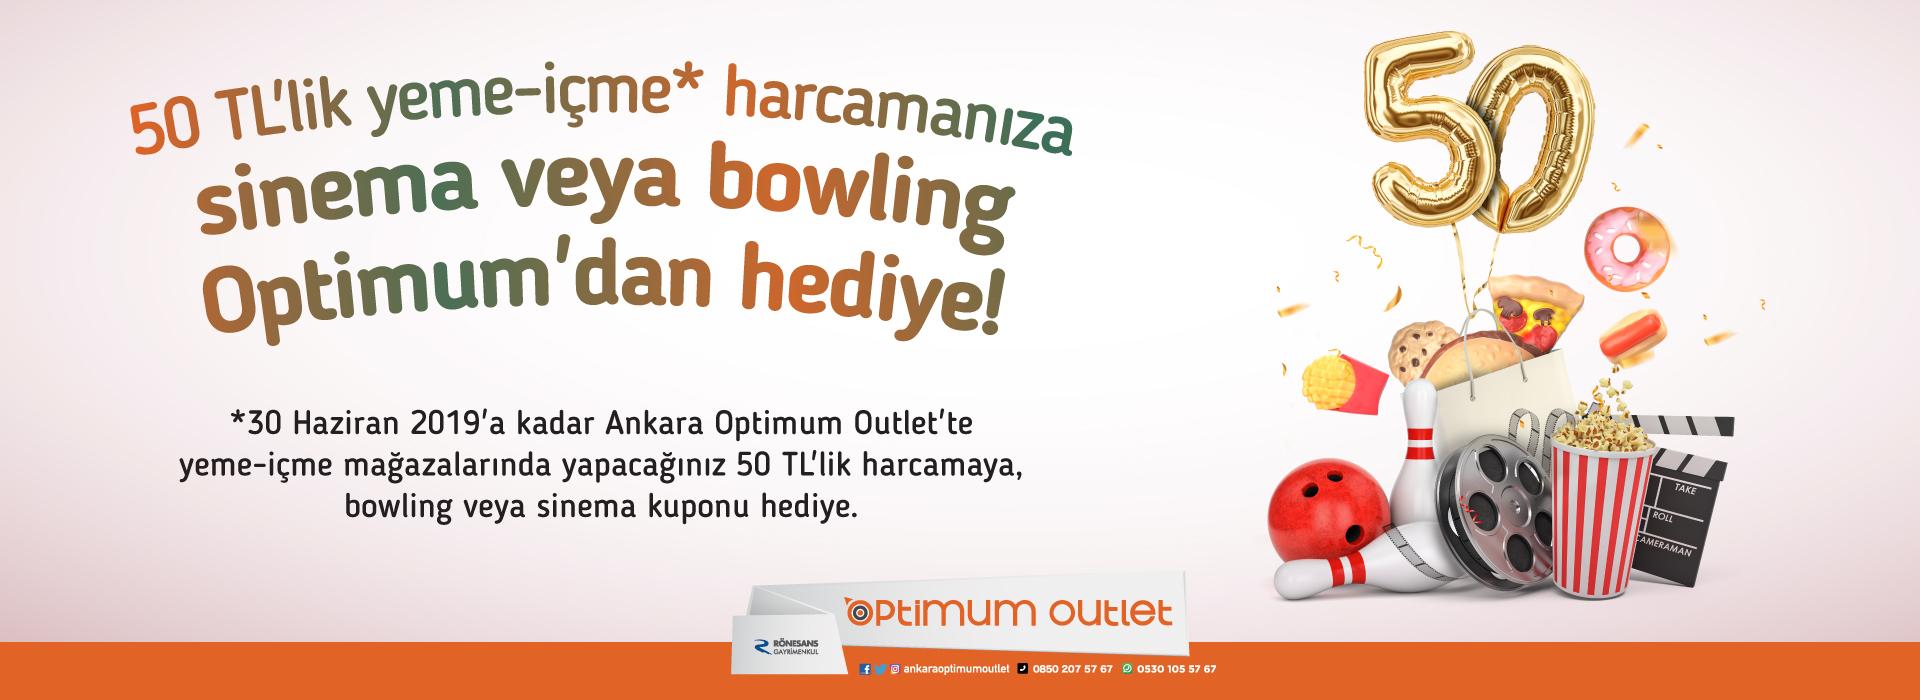 500 TL'lik yeme-içme harcamanıza sinema veya bowling Optimum'dan hediye!